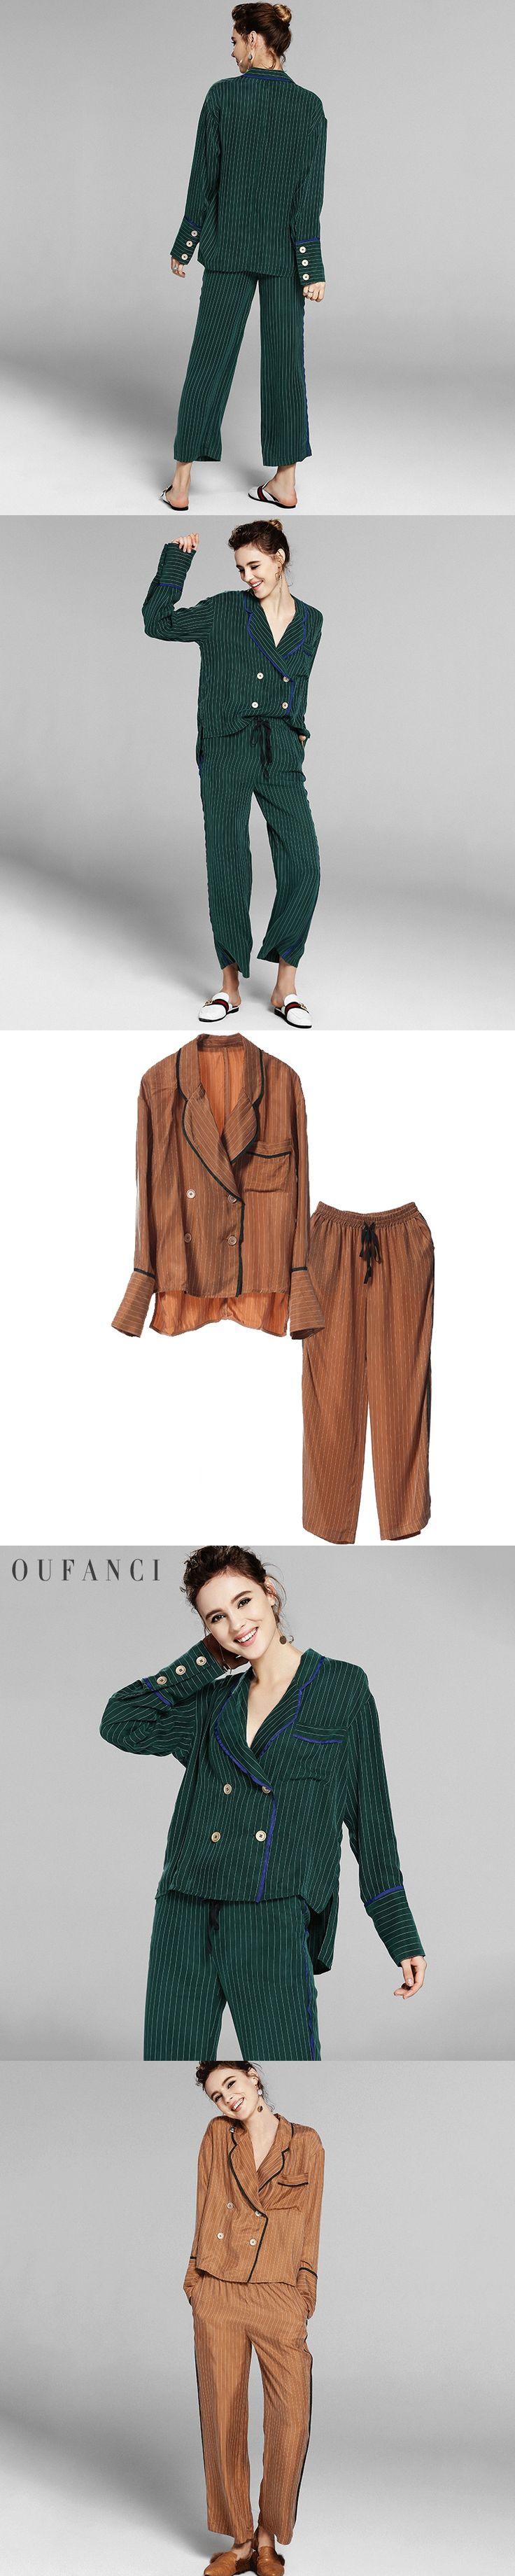 best 25 ladies trouser suits ideas on pinterest ladies